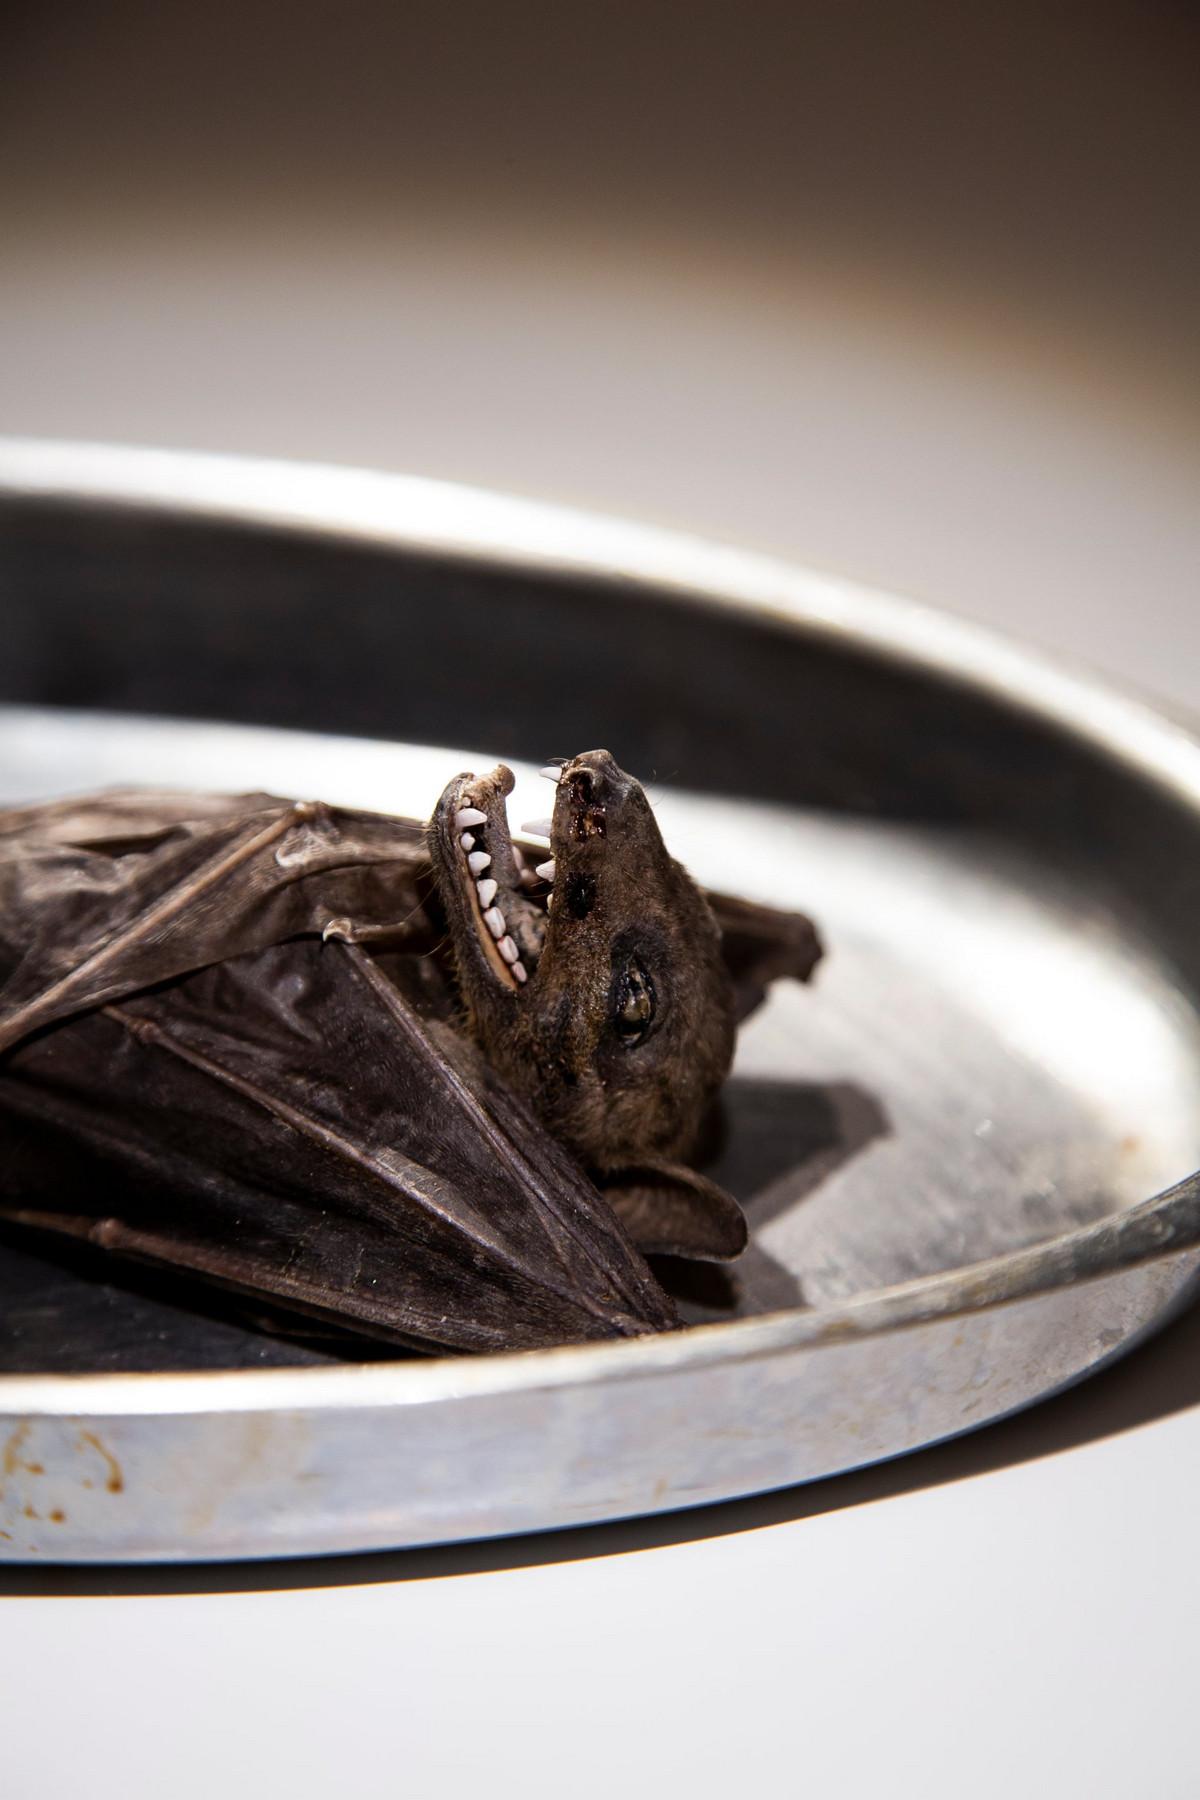 disgusting food museum 7 - Пенис быка, жареные летучие мыши и корейское вино из кала: чем может порадовать музей отвратительной еды